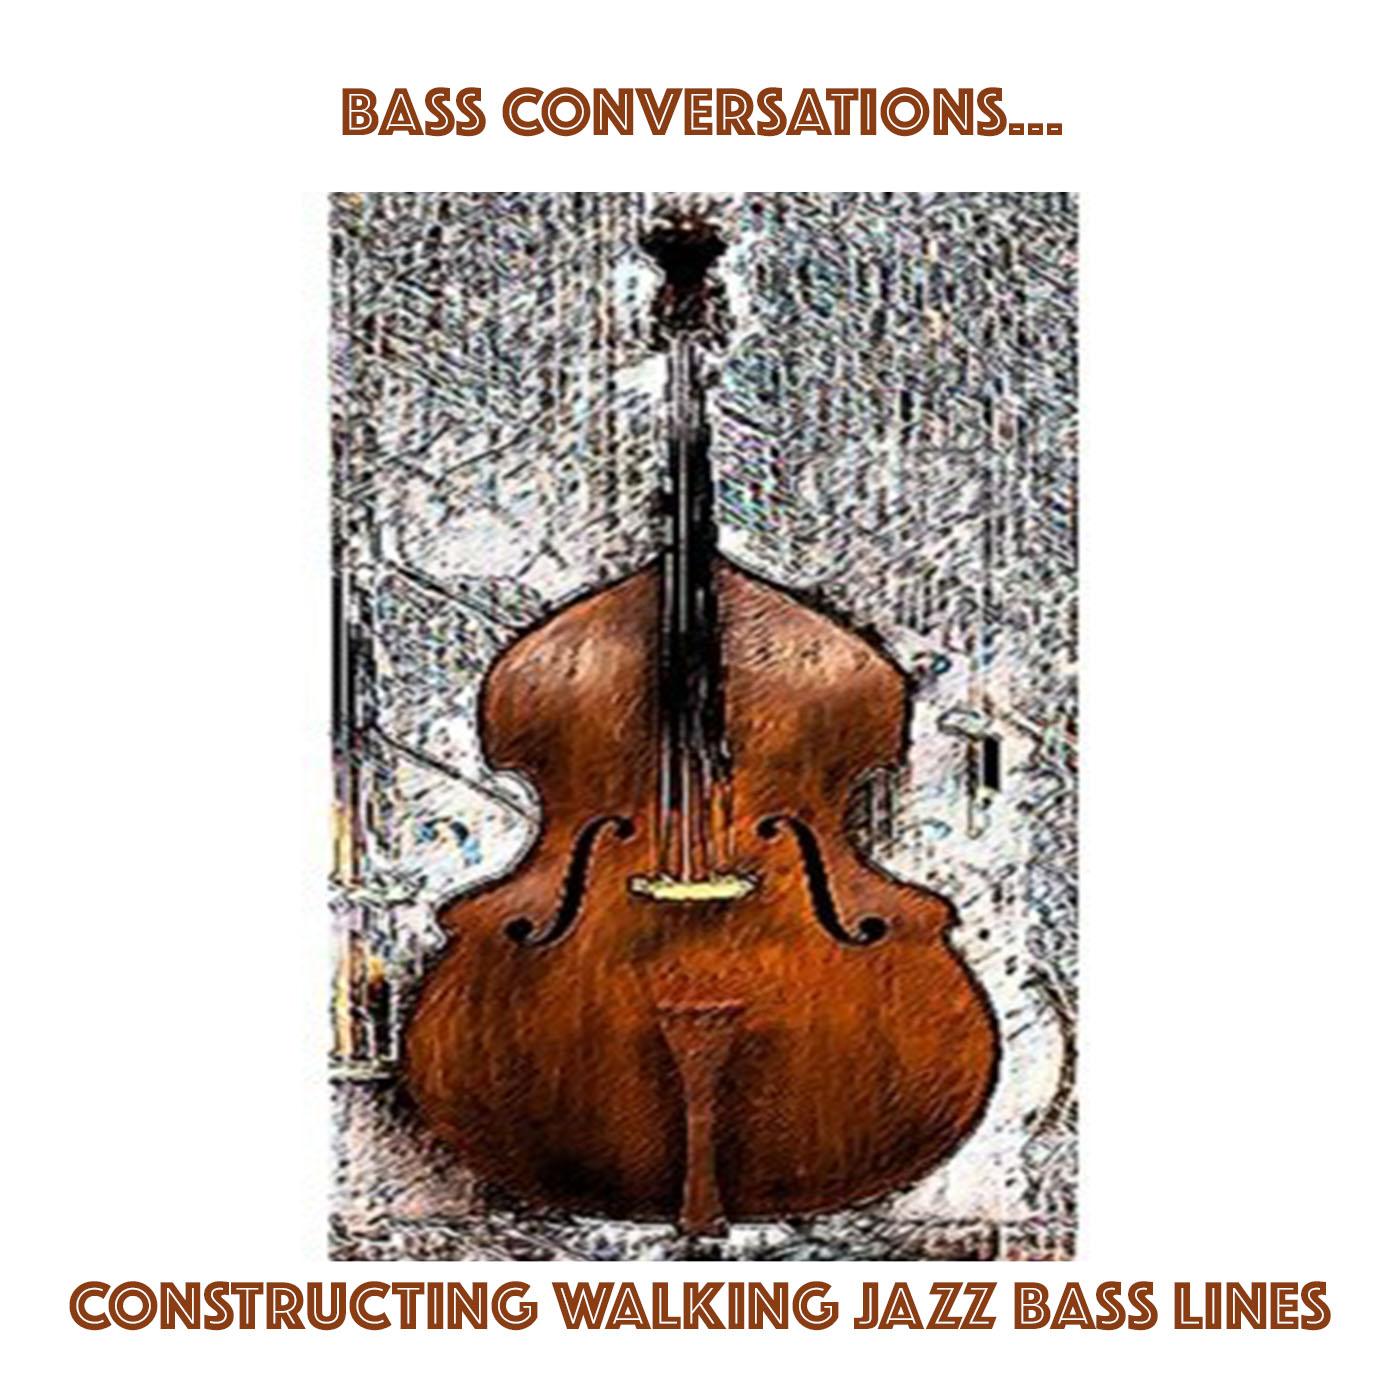 Bass Conversations episode 0002